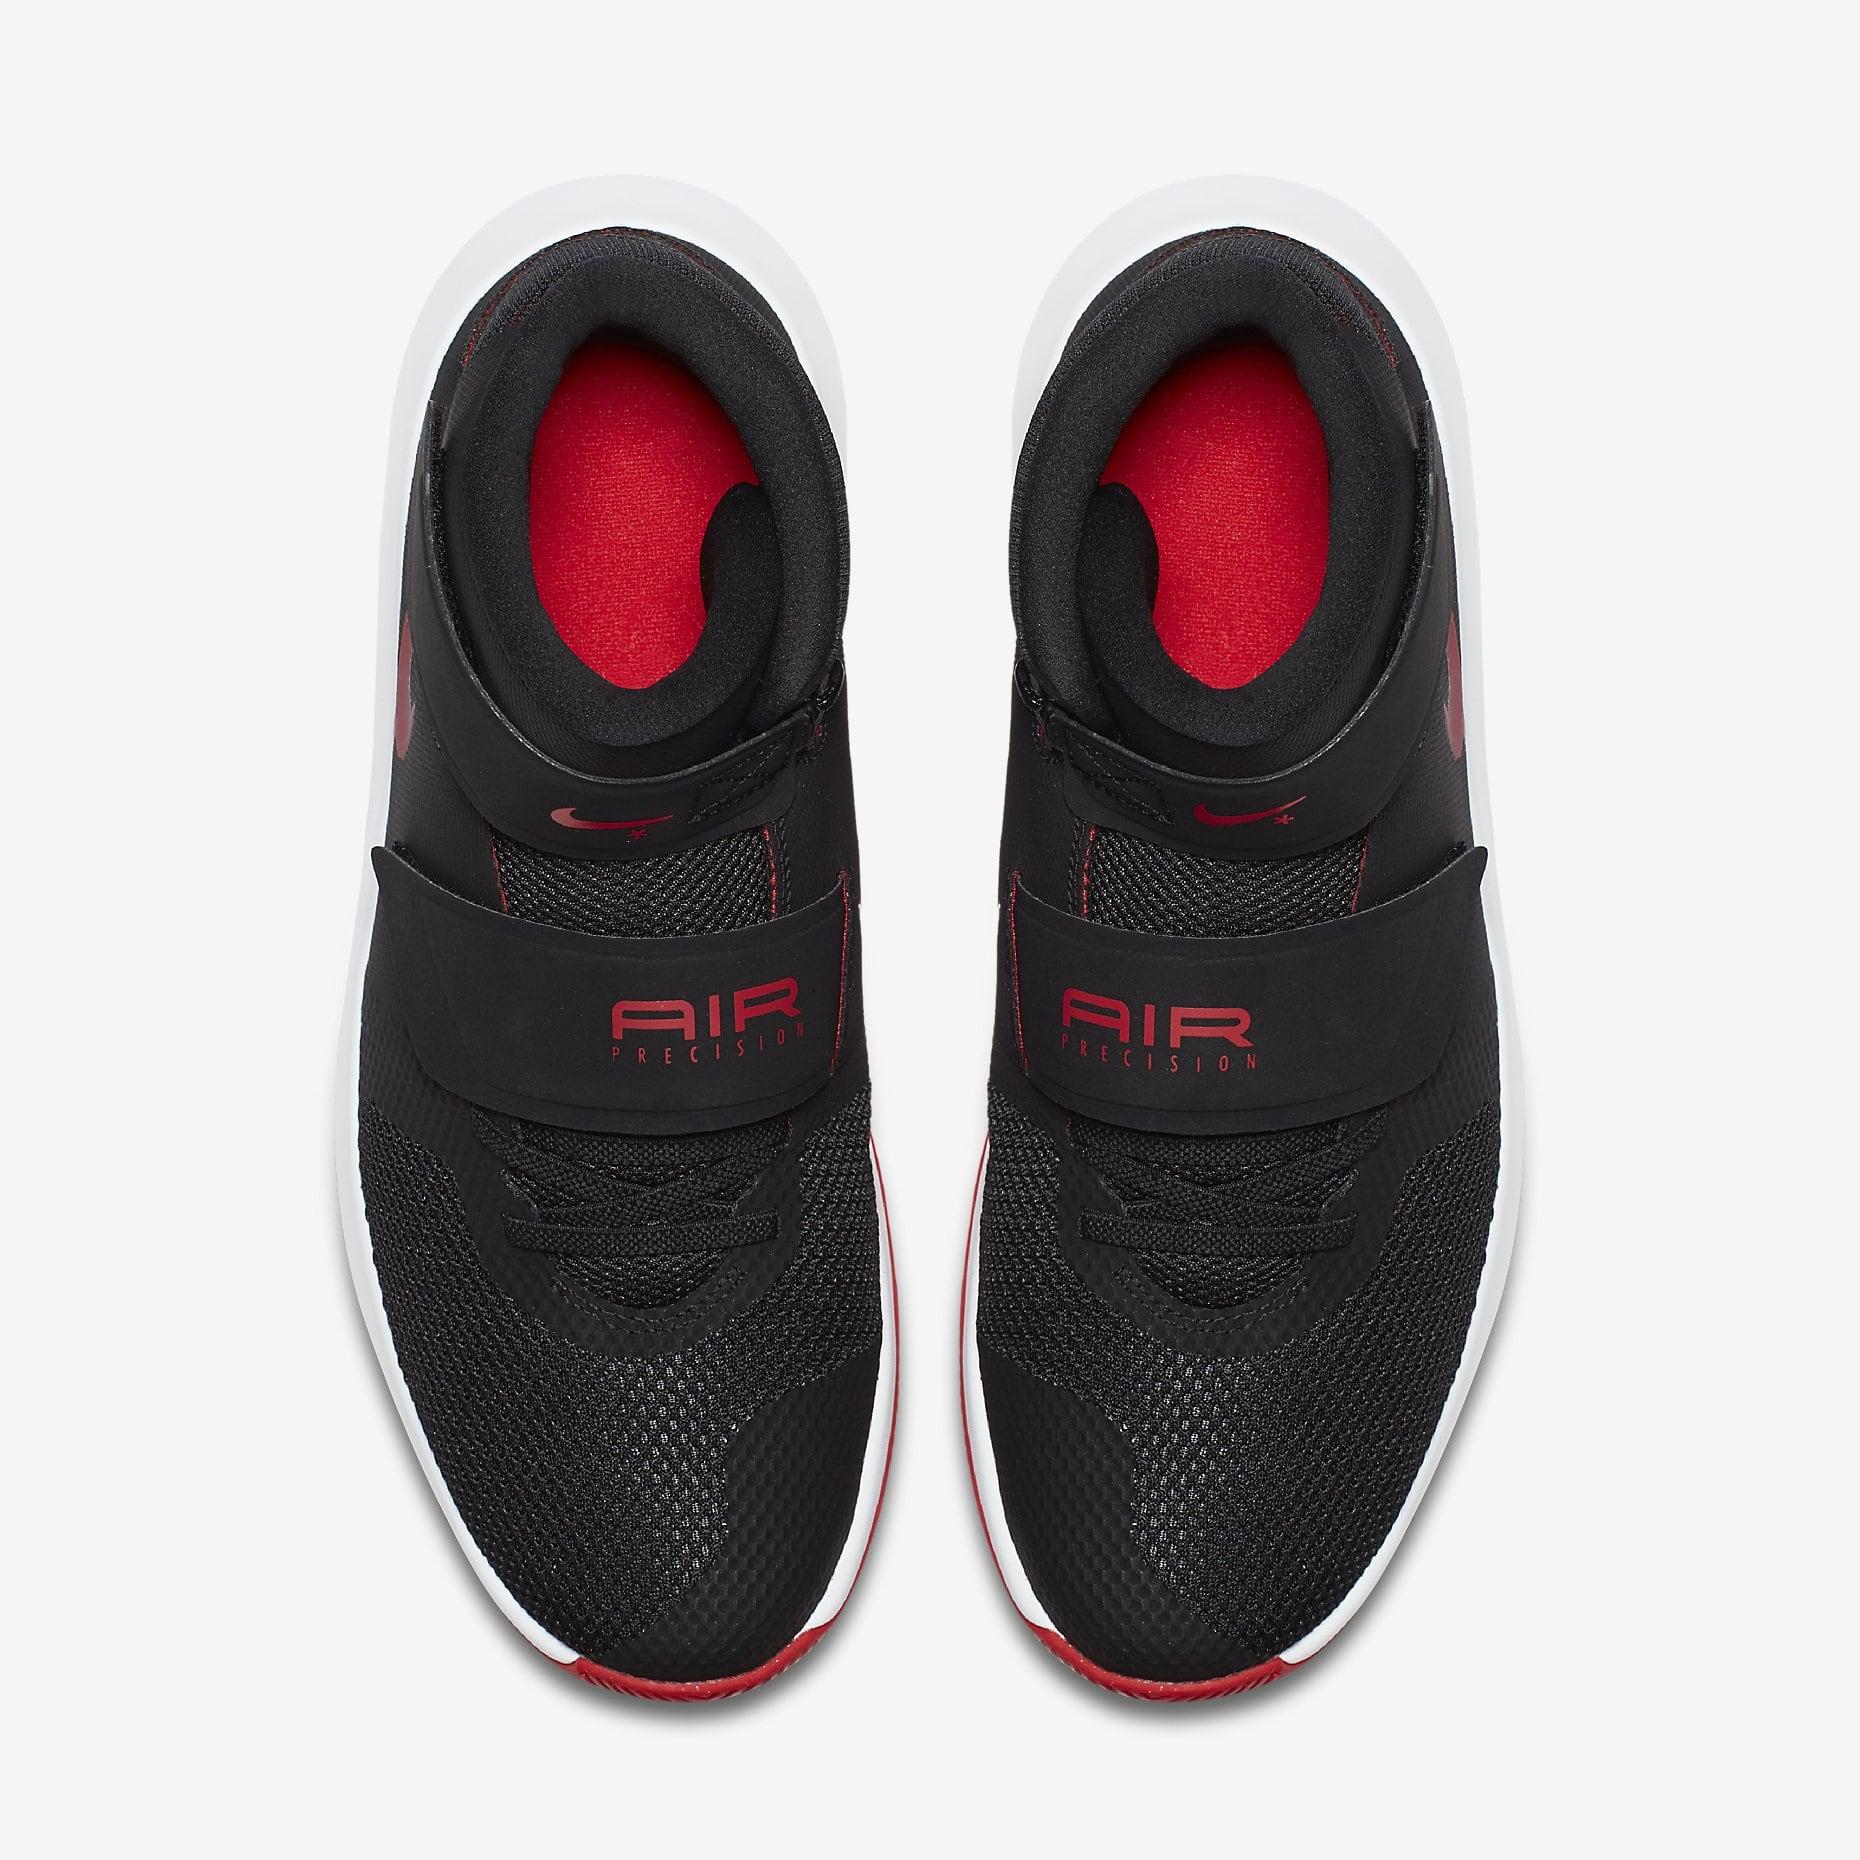 6b0f90f1c320 Bức tâm thư của Matthew Walzer gửi đến Nike đã thành hiện thực sau 2 ...